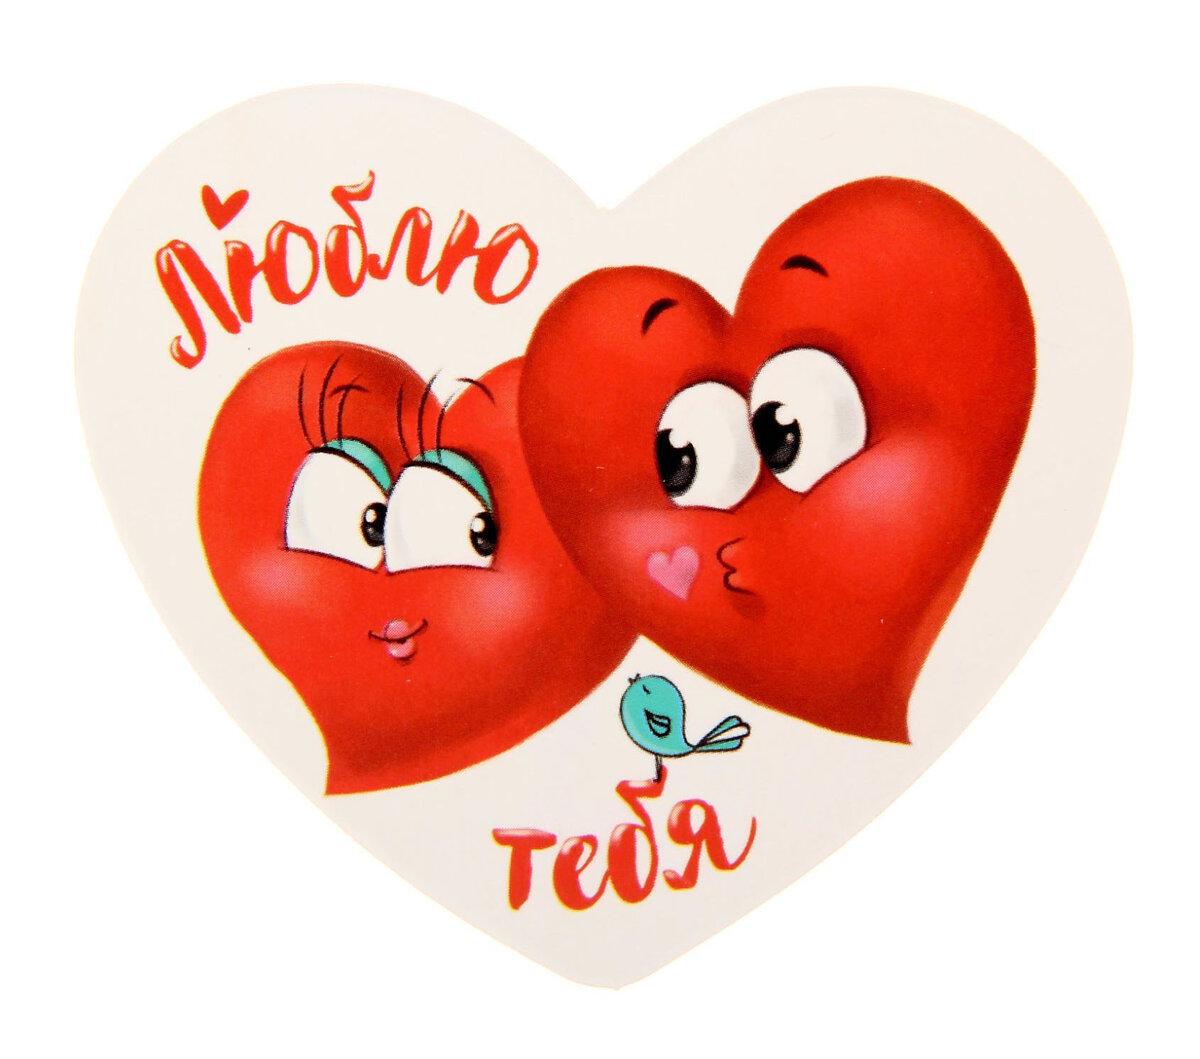 Валентинки с надписью картинки, смешная мышь открытка